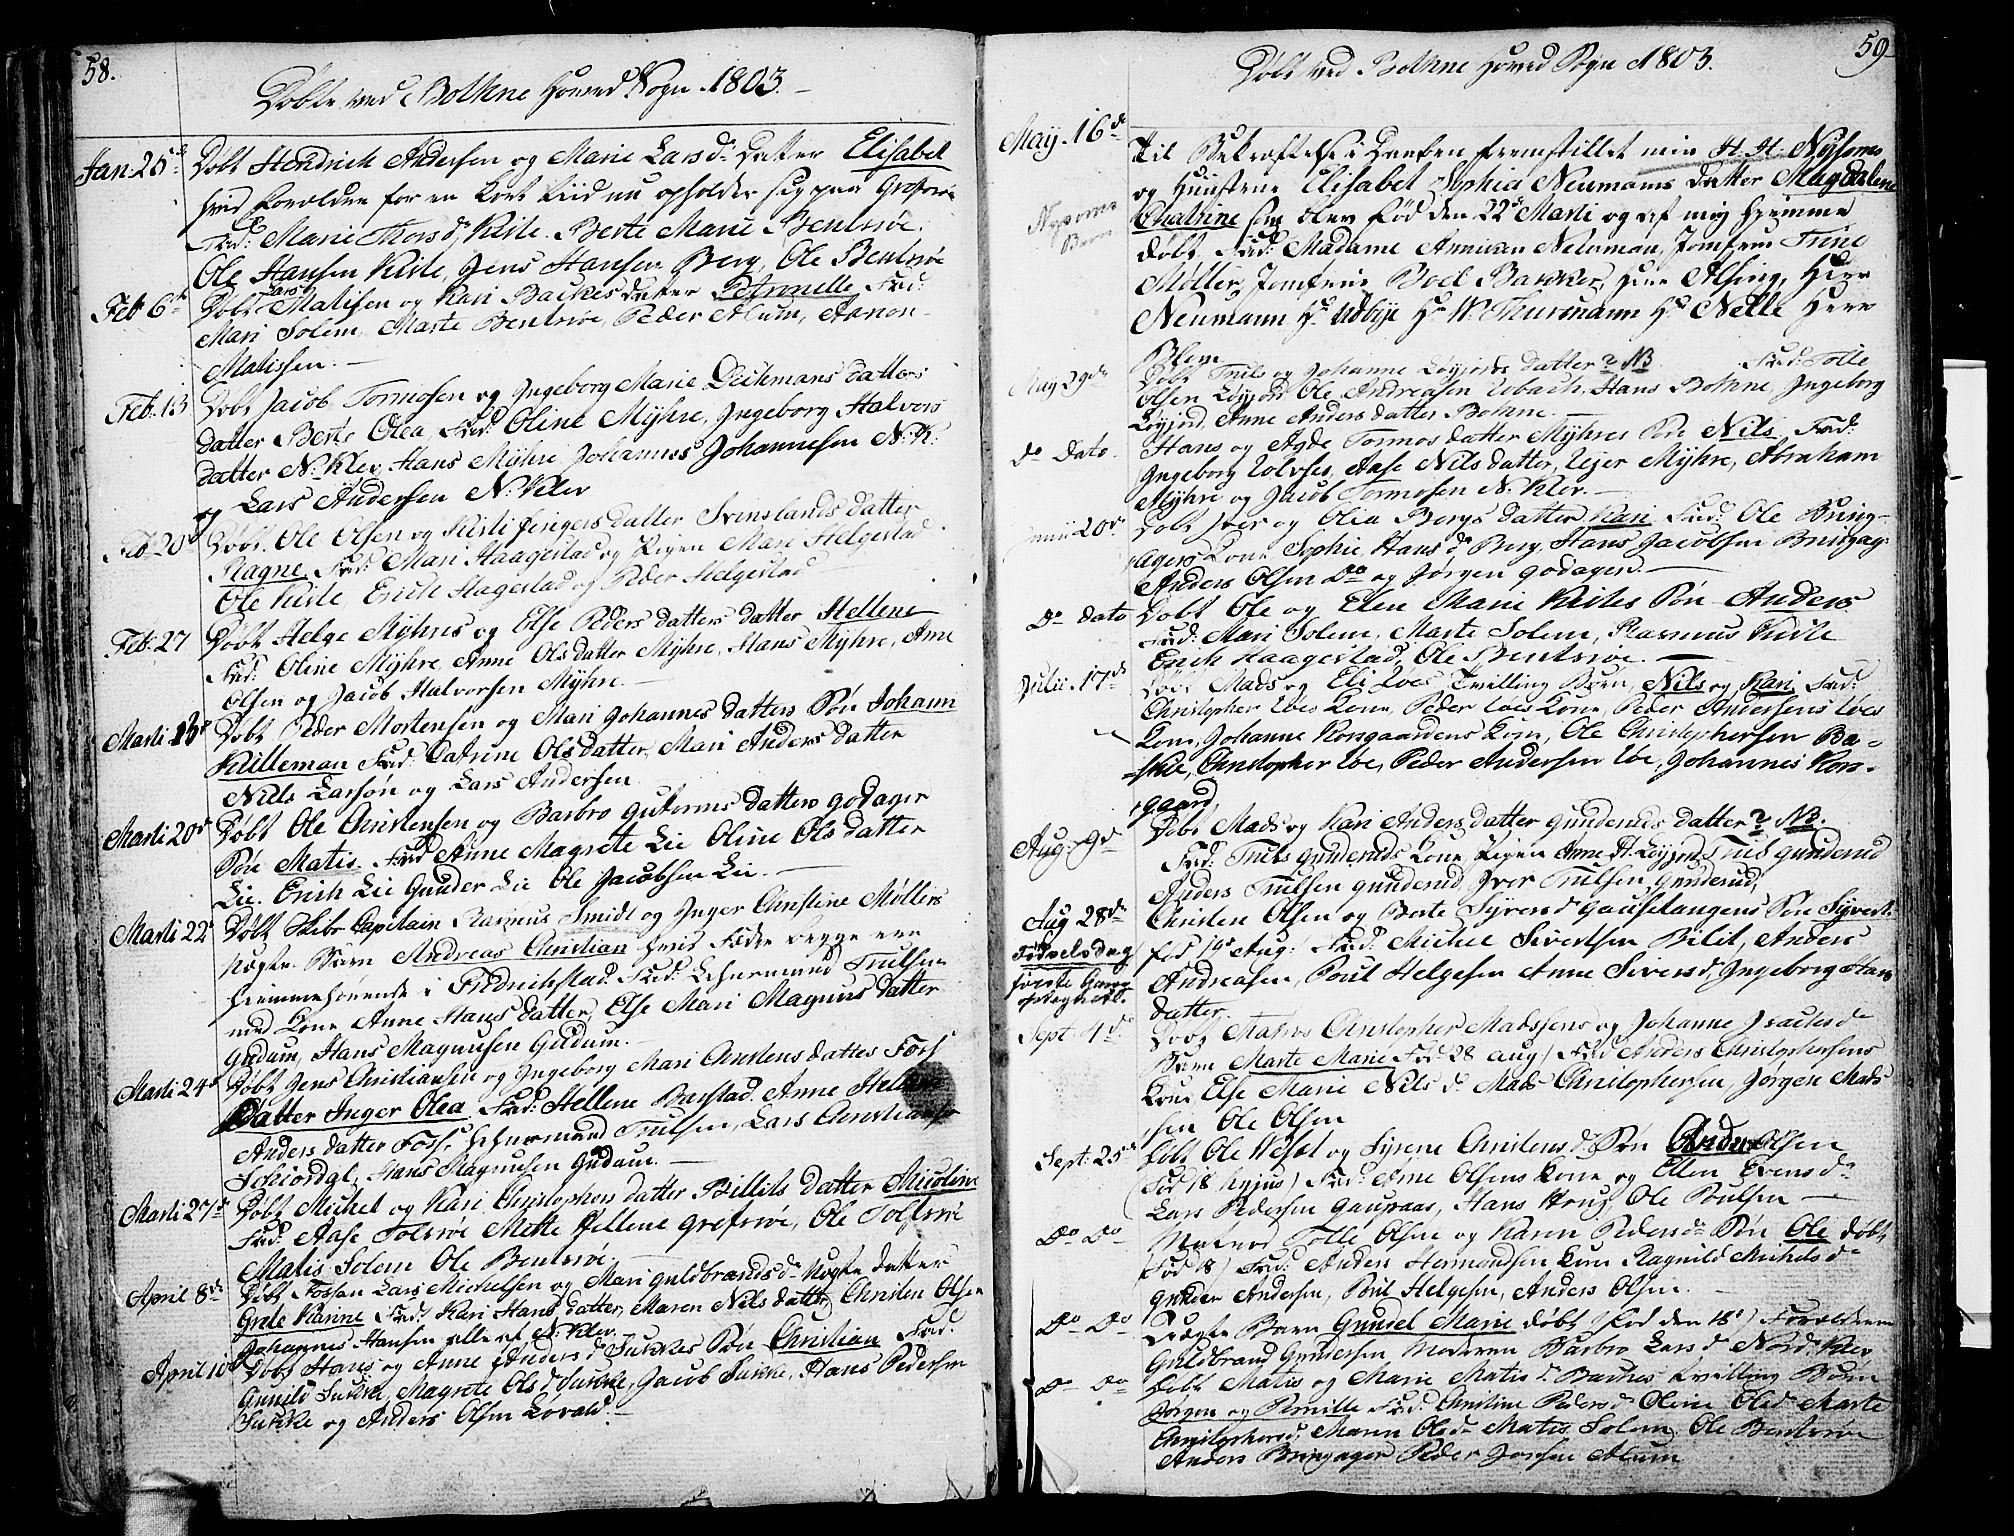 SAKO, Botne kirkebøker, F/Fa/L0003: Ministerialbok nr. I 3 /1, 1792-1844, s. 58-59